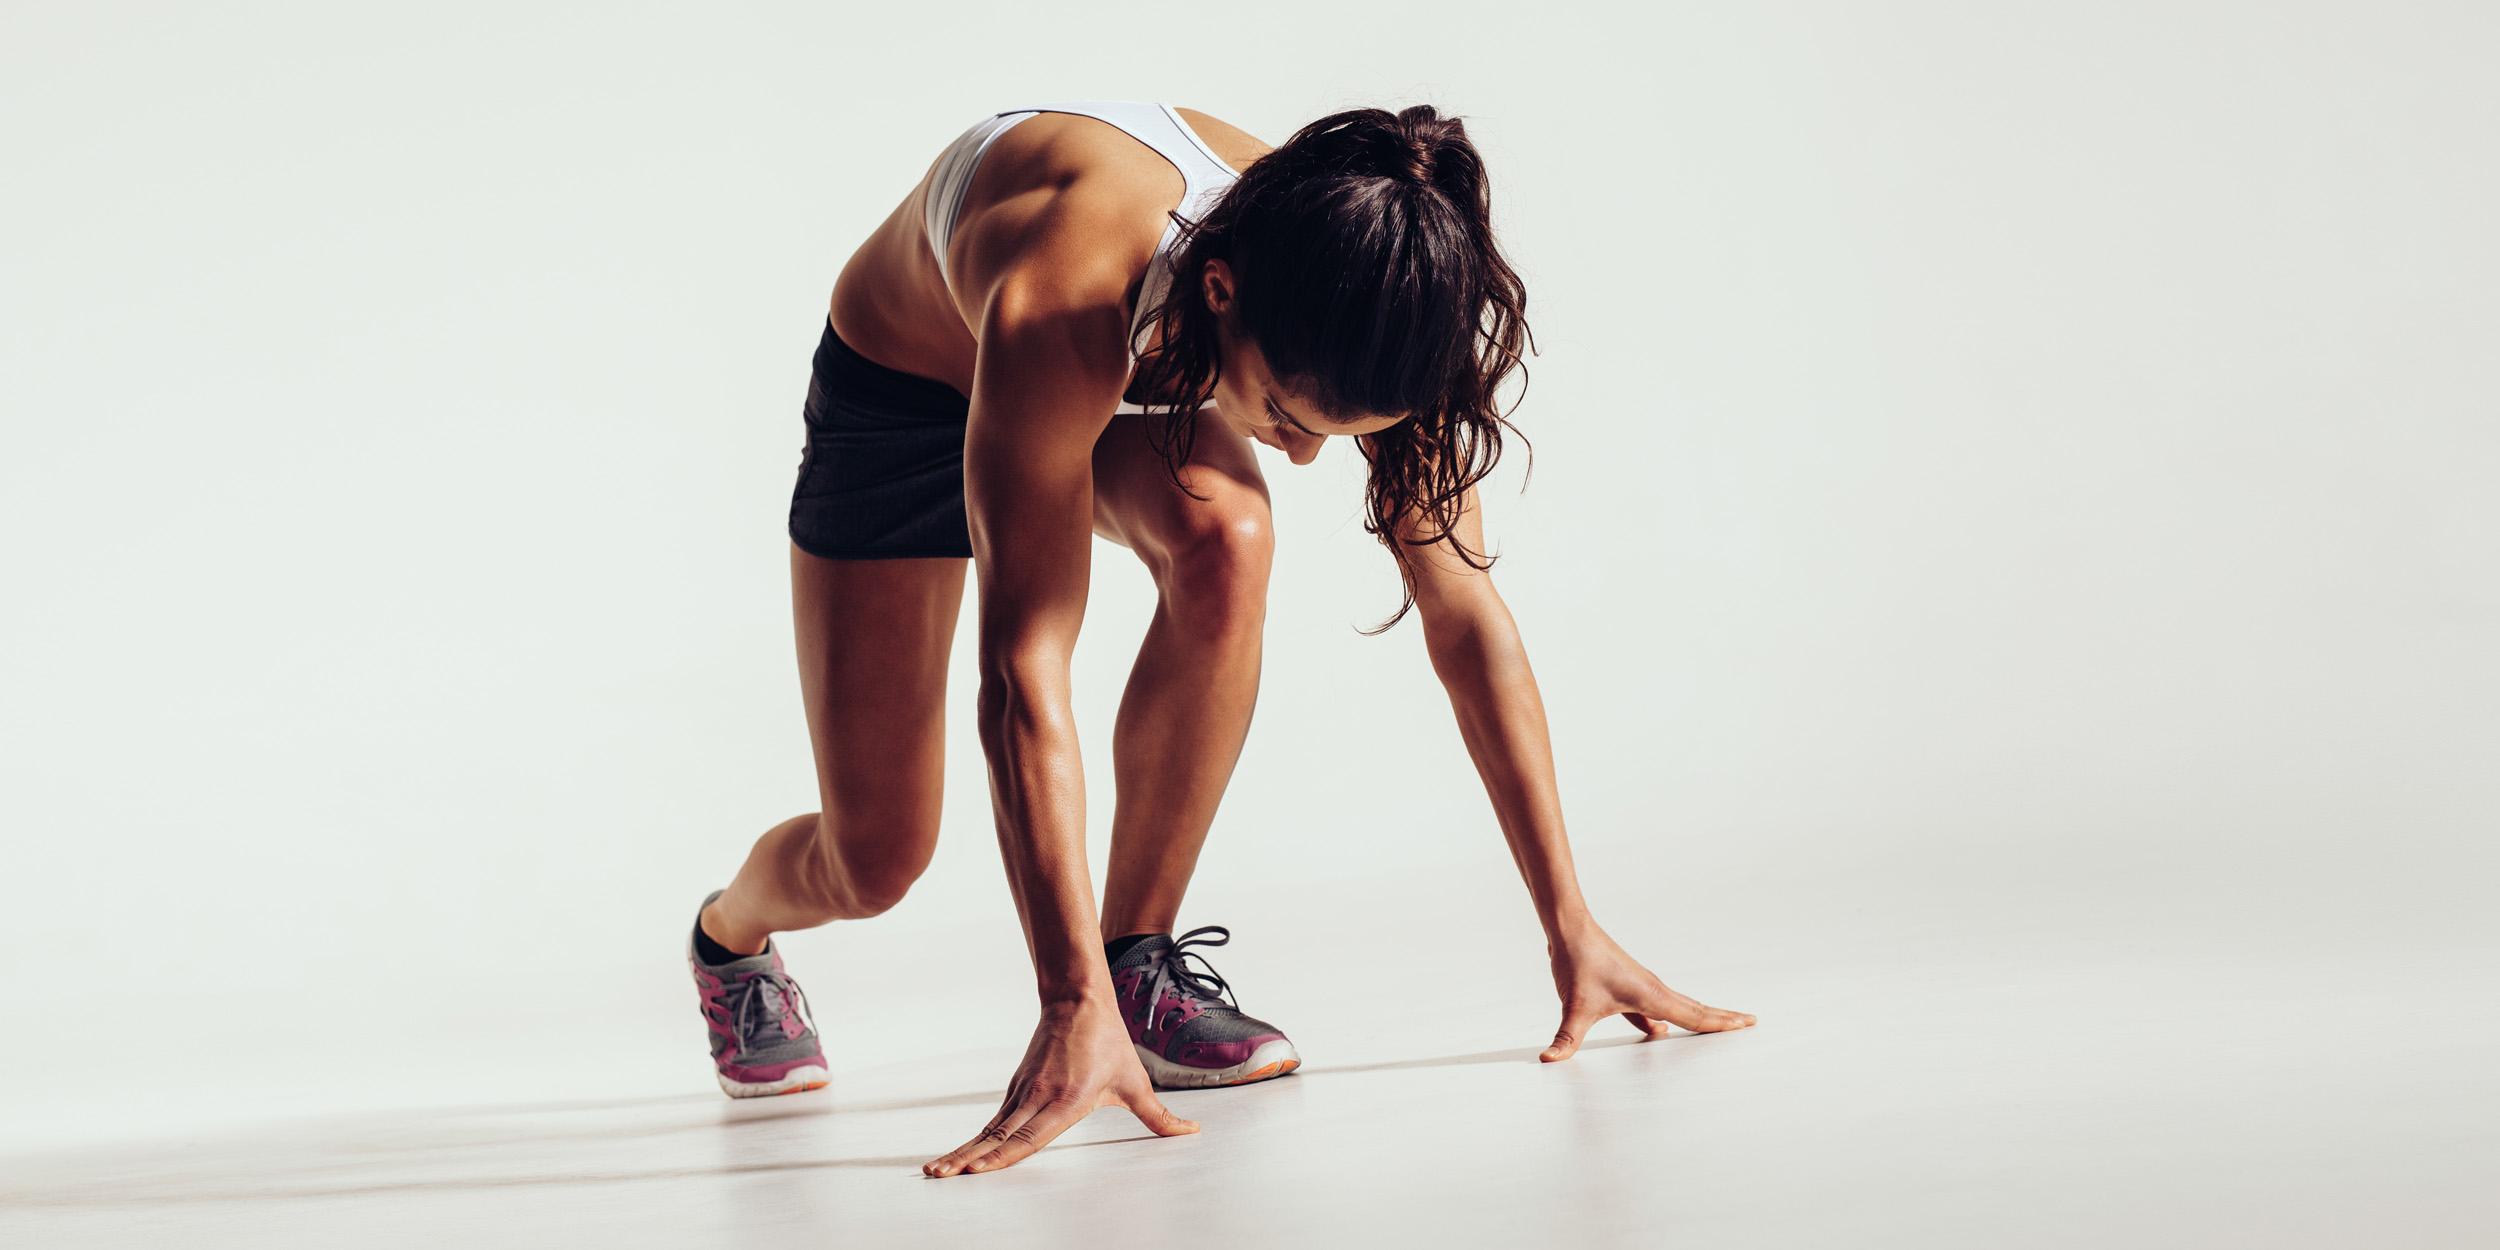 Простое упражнение, которое поможет вам правильно бегать